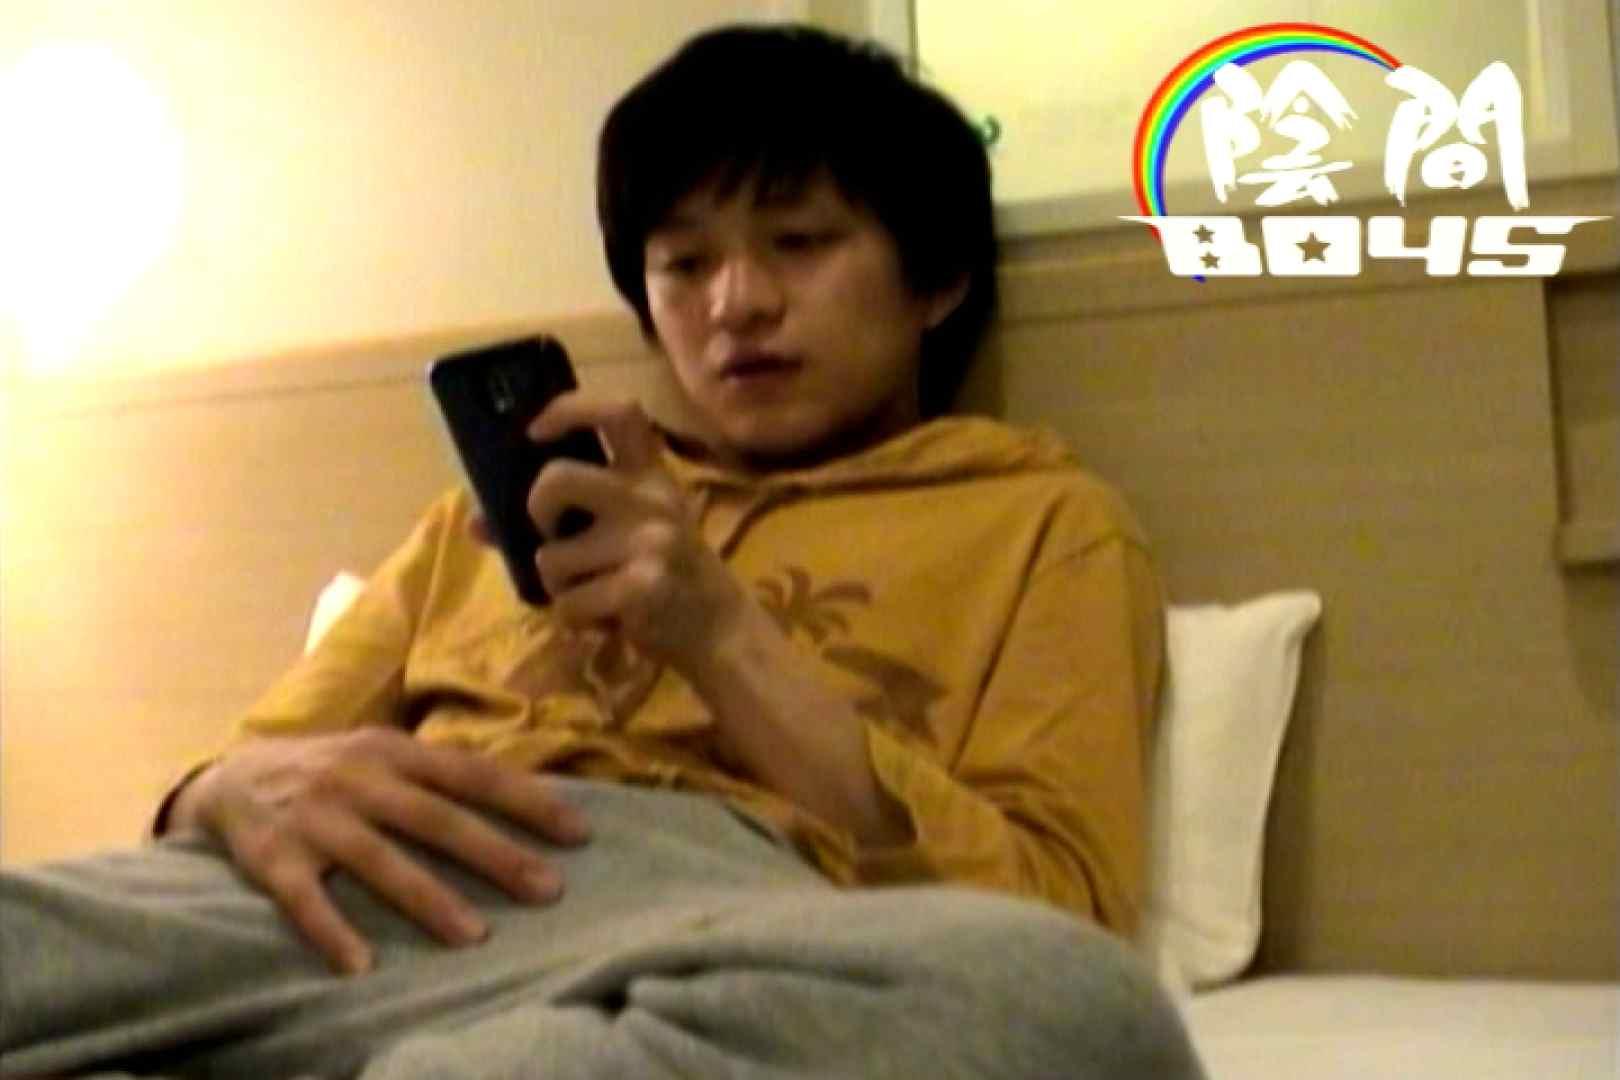 陰間BOYS~My holiday~01 オナニー  61pic 60